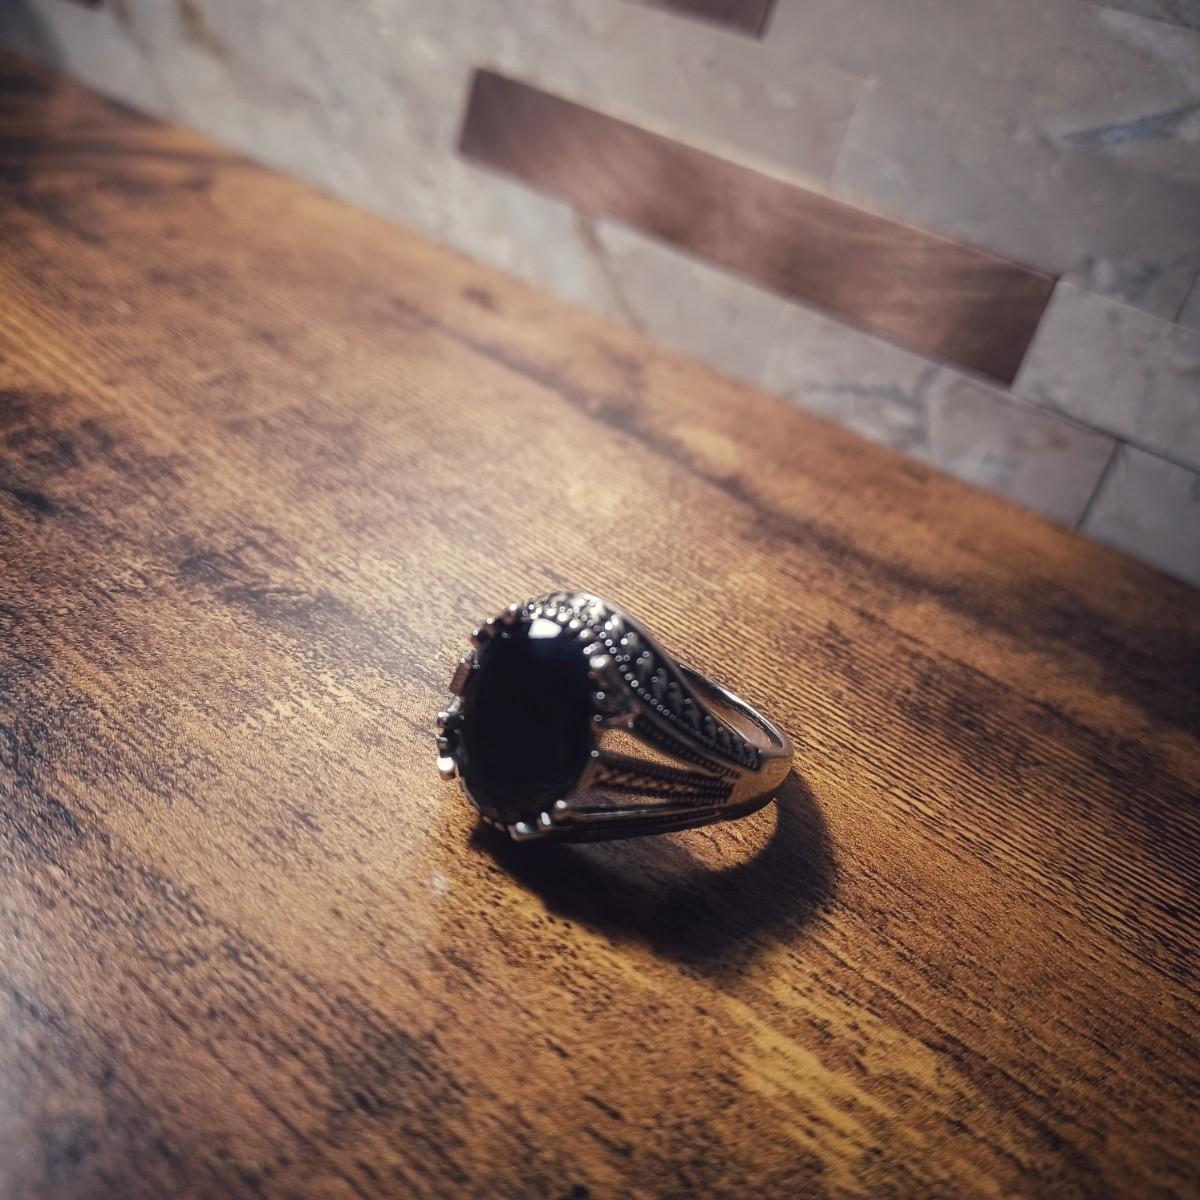 新品 ラグジュアリー 彫メンズ 指輪 シルバー ブラック オニキス風